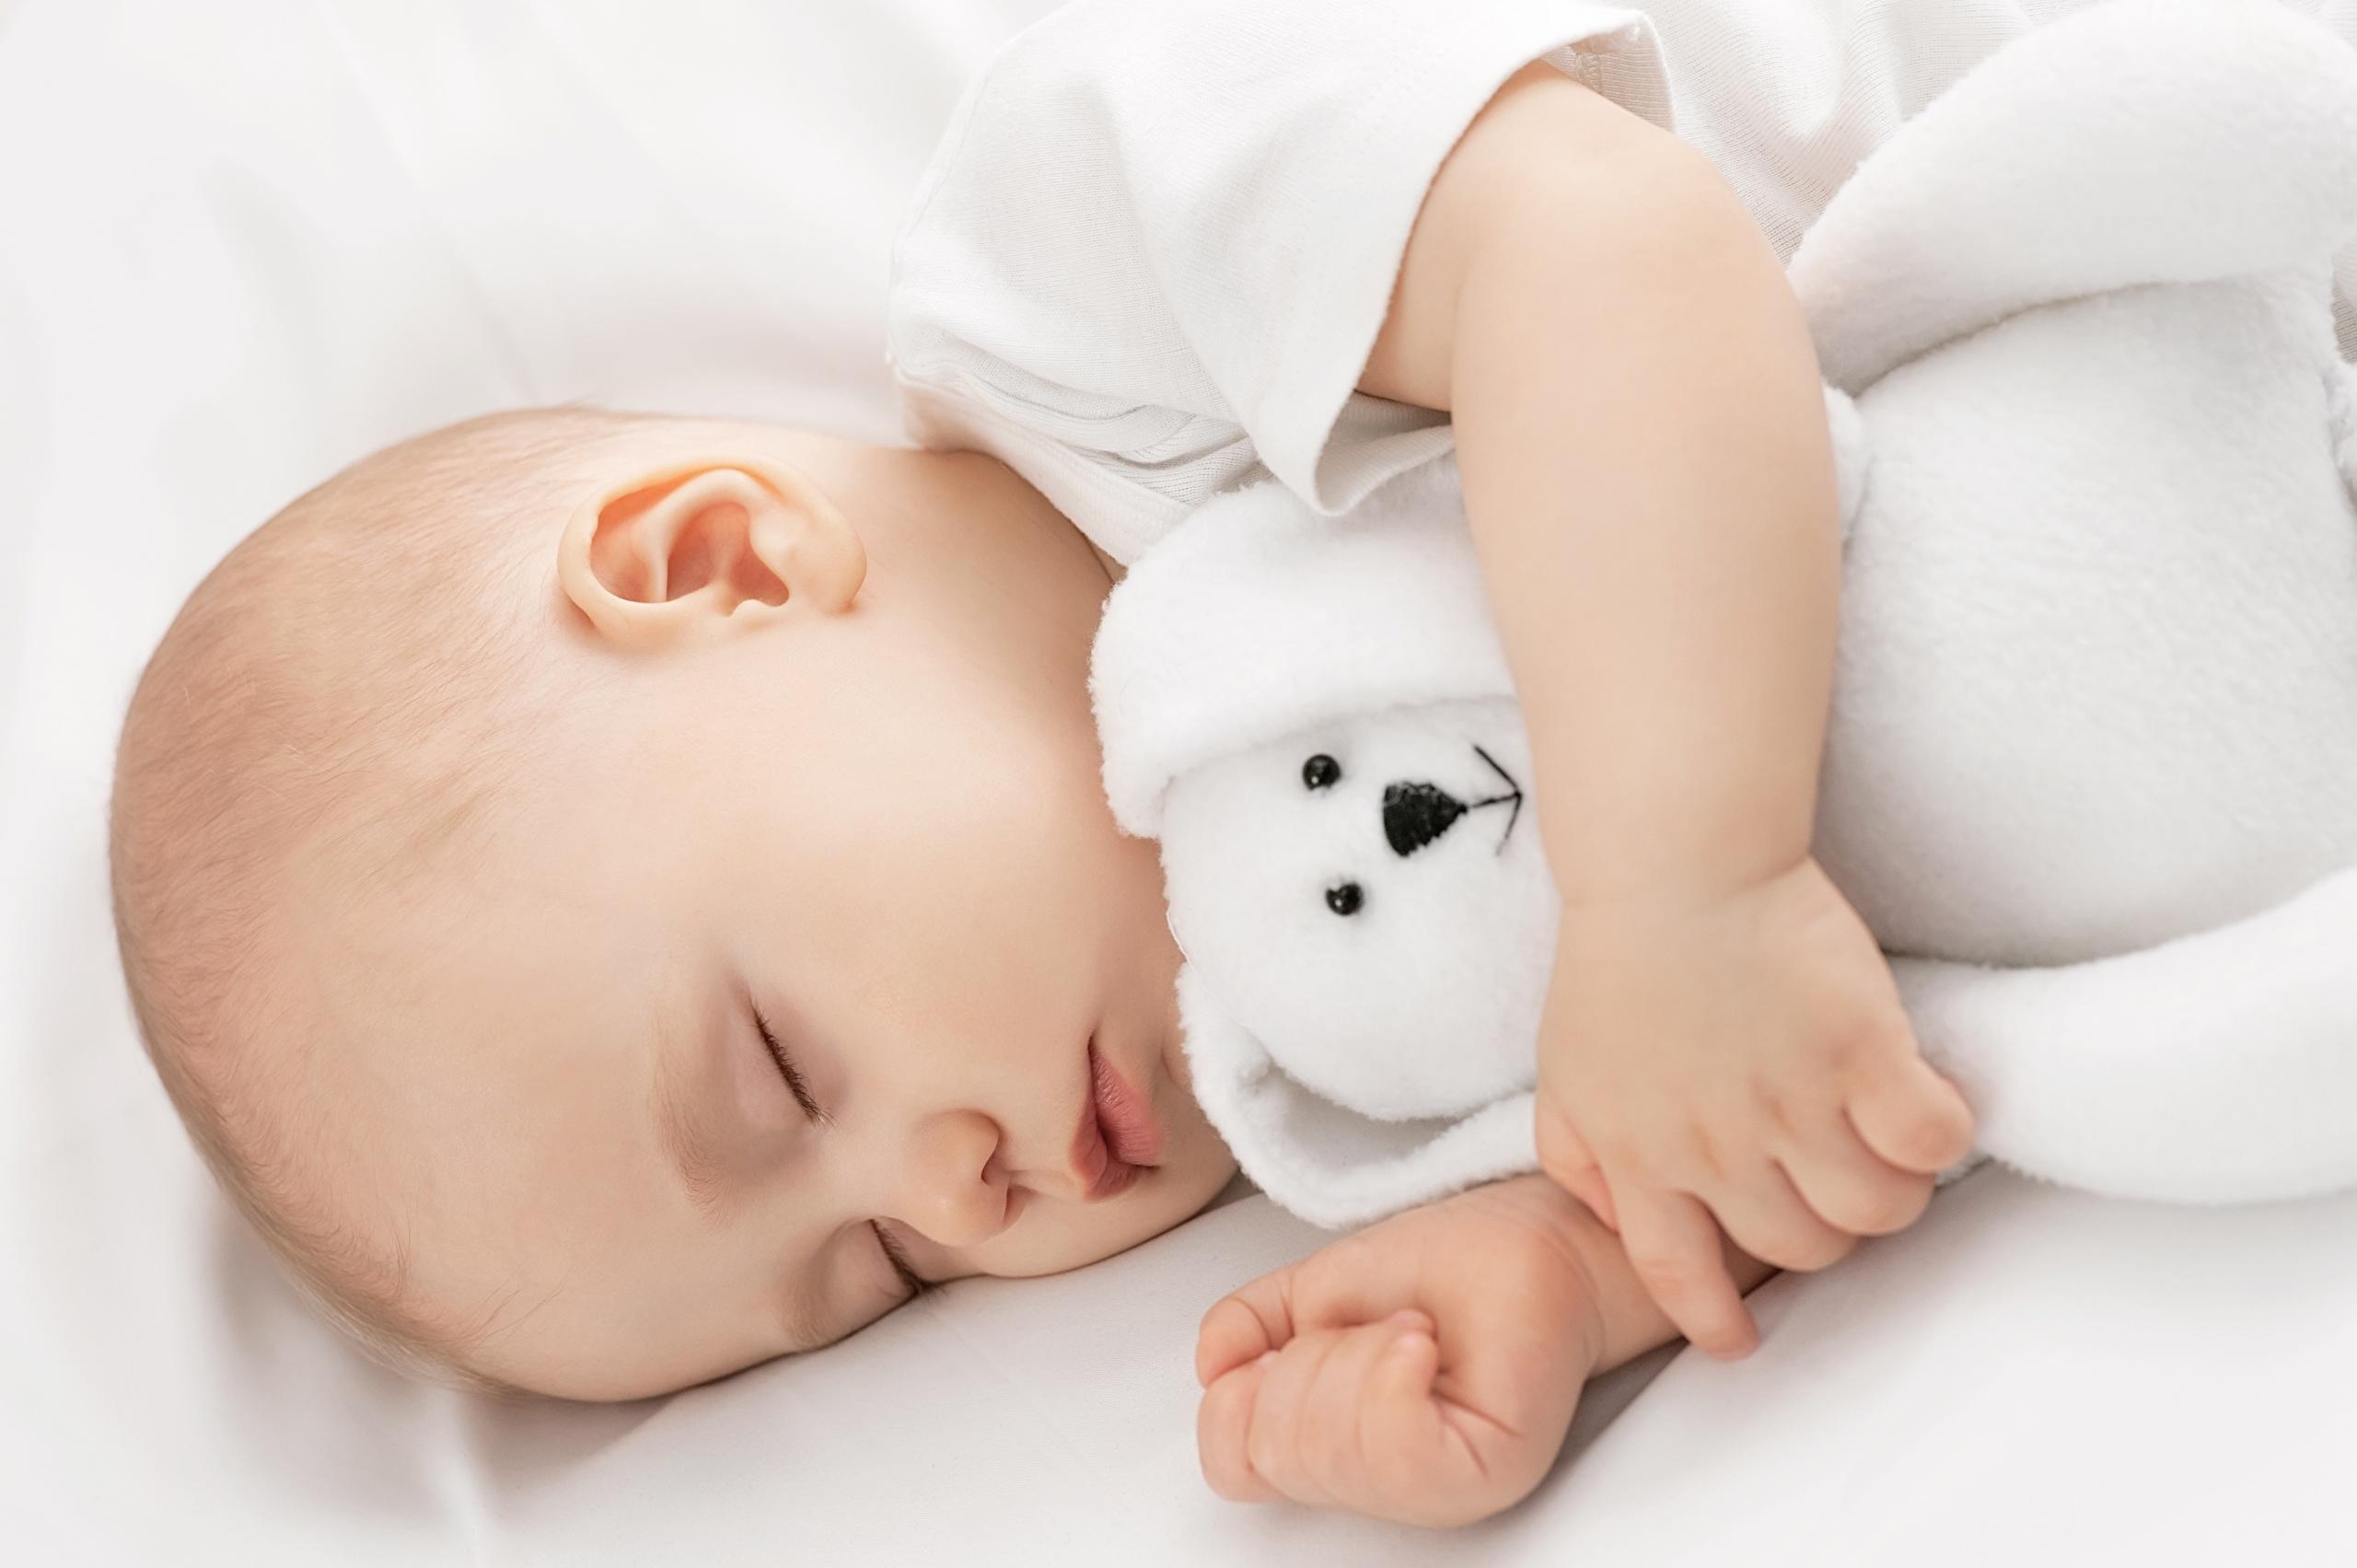 При общем недомогании дети любят много спать